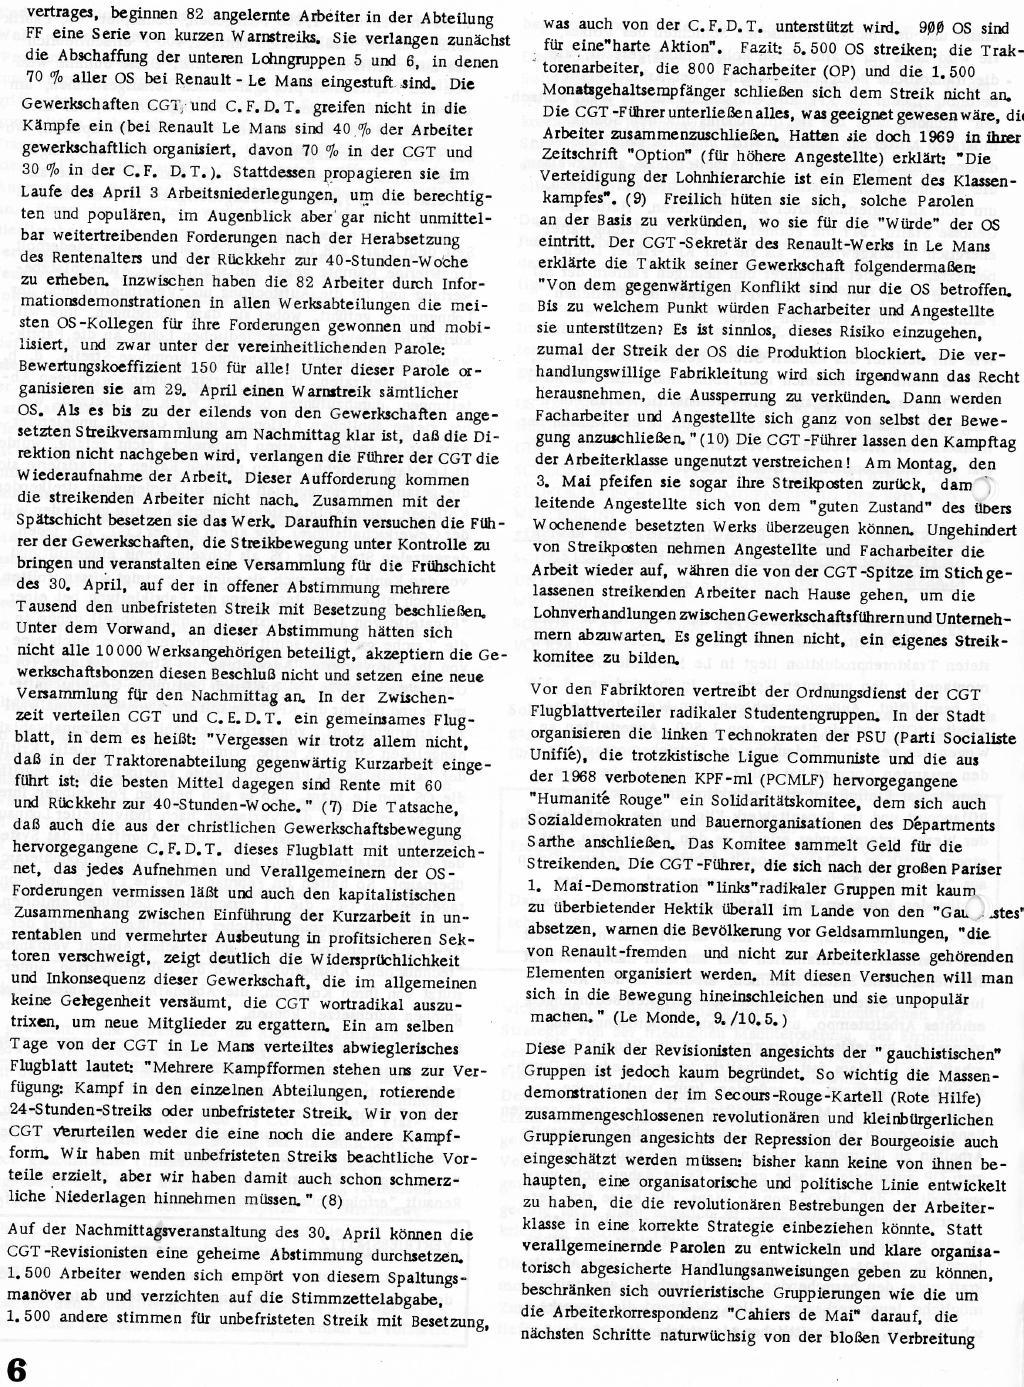 RPK_1971_121_06